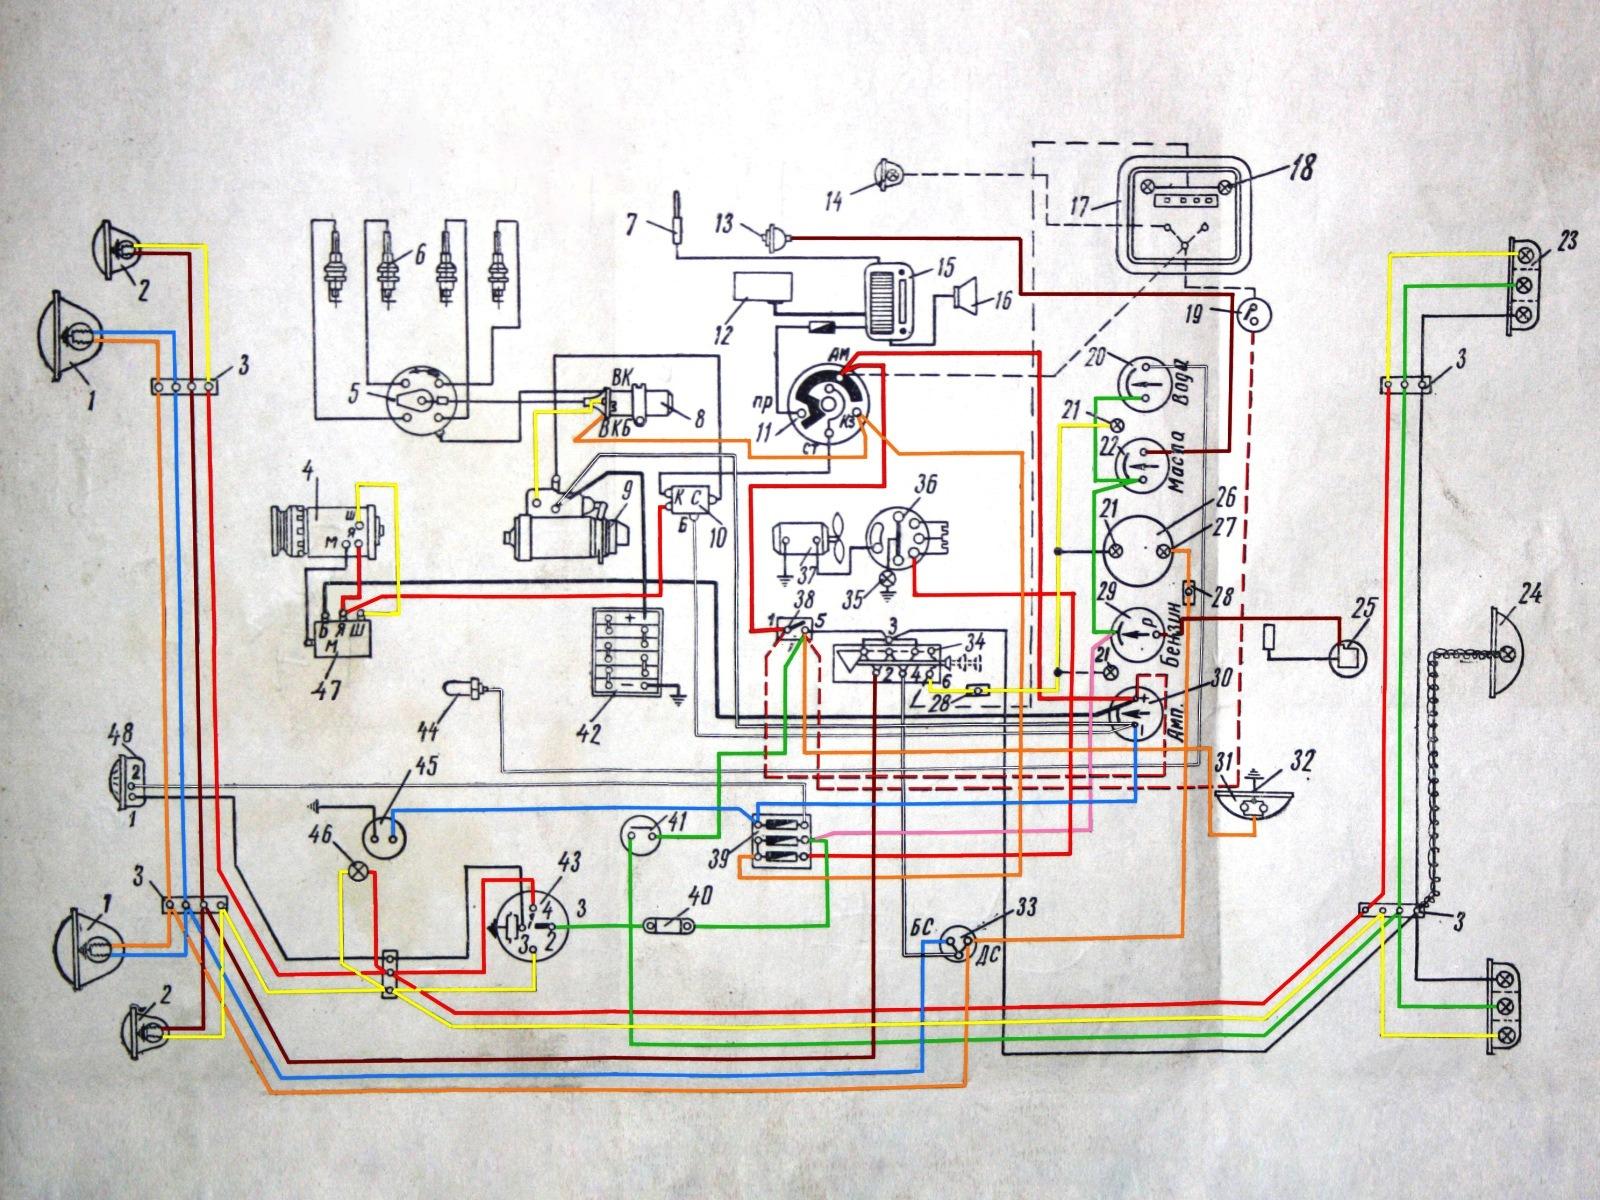 Переснял схему электрооборудования Москвича-407 из заводской инструкции по эксплуатации автомобиля (издание 1961 года...